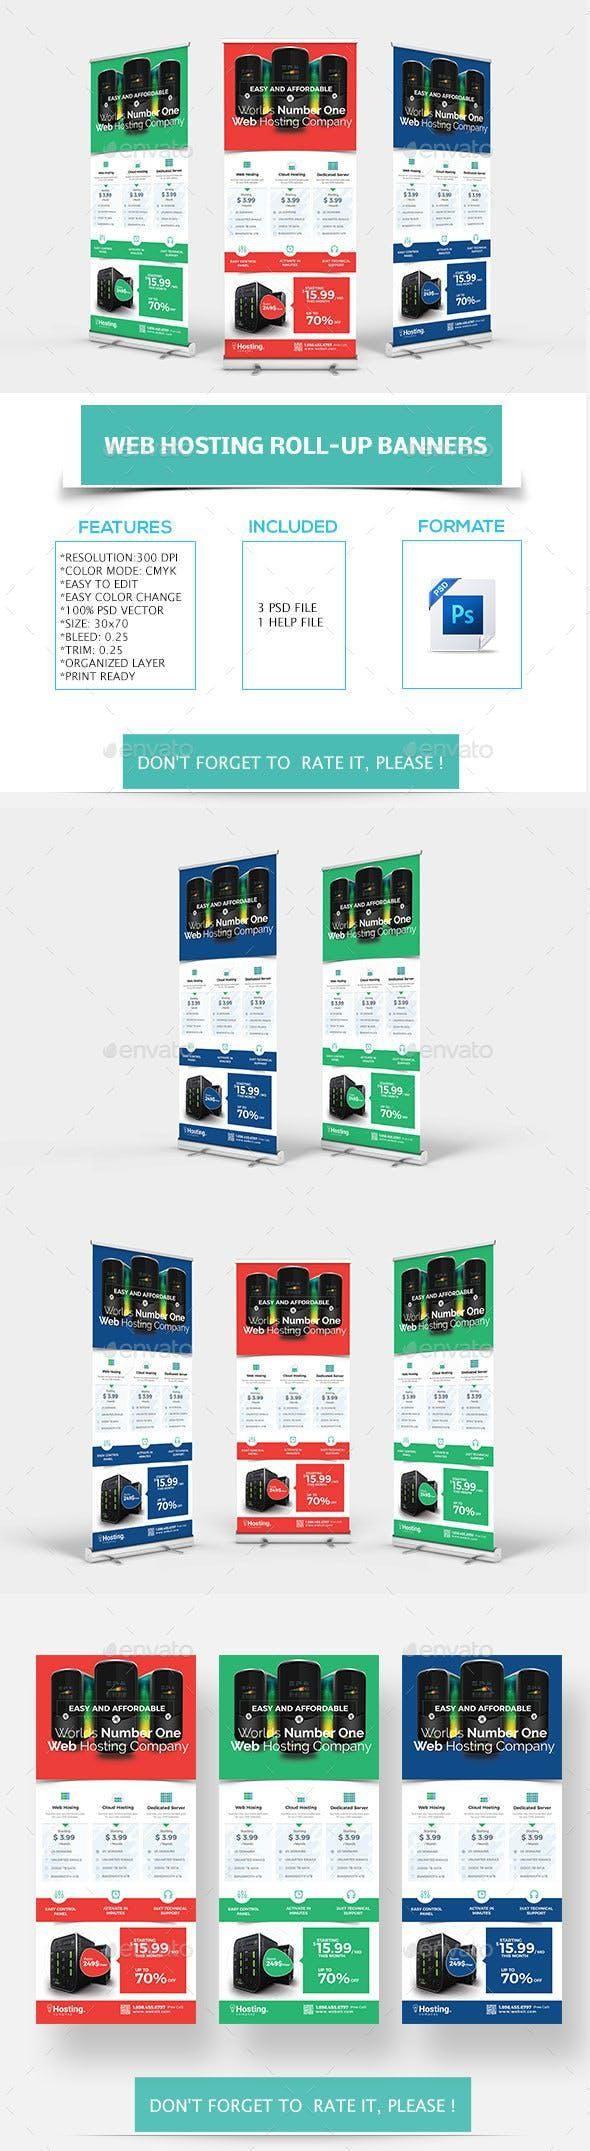 Web Hosting Roll-up Banners #PrintDesign #SignageDesign #SignageTemplates #desig...